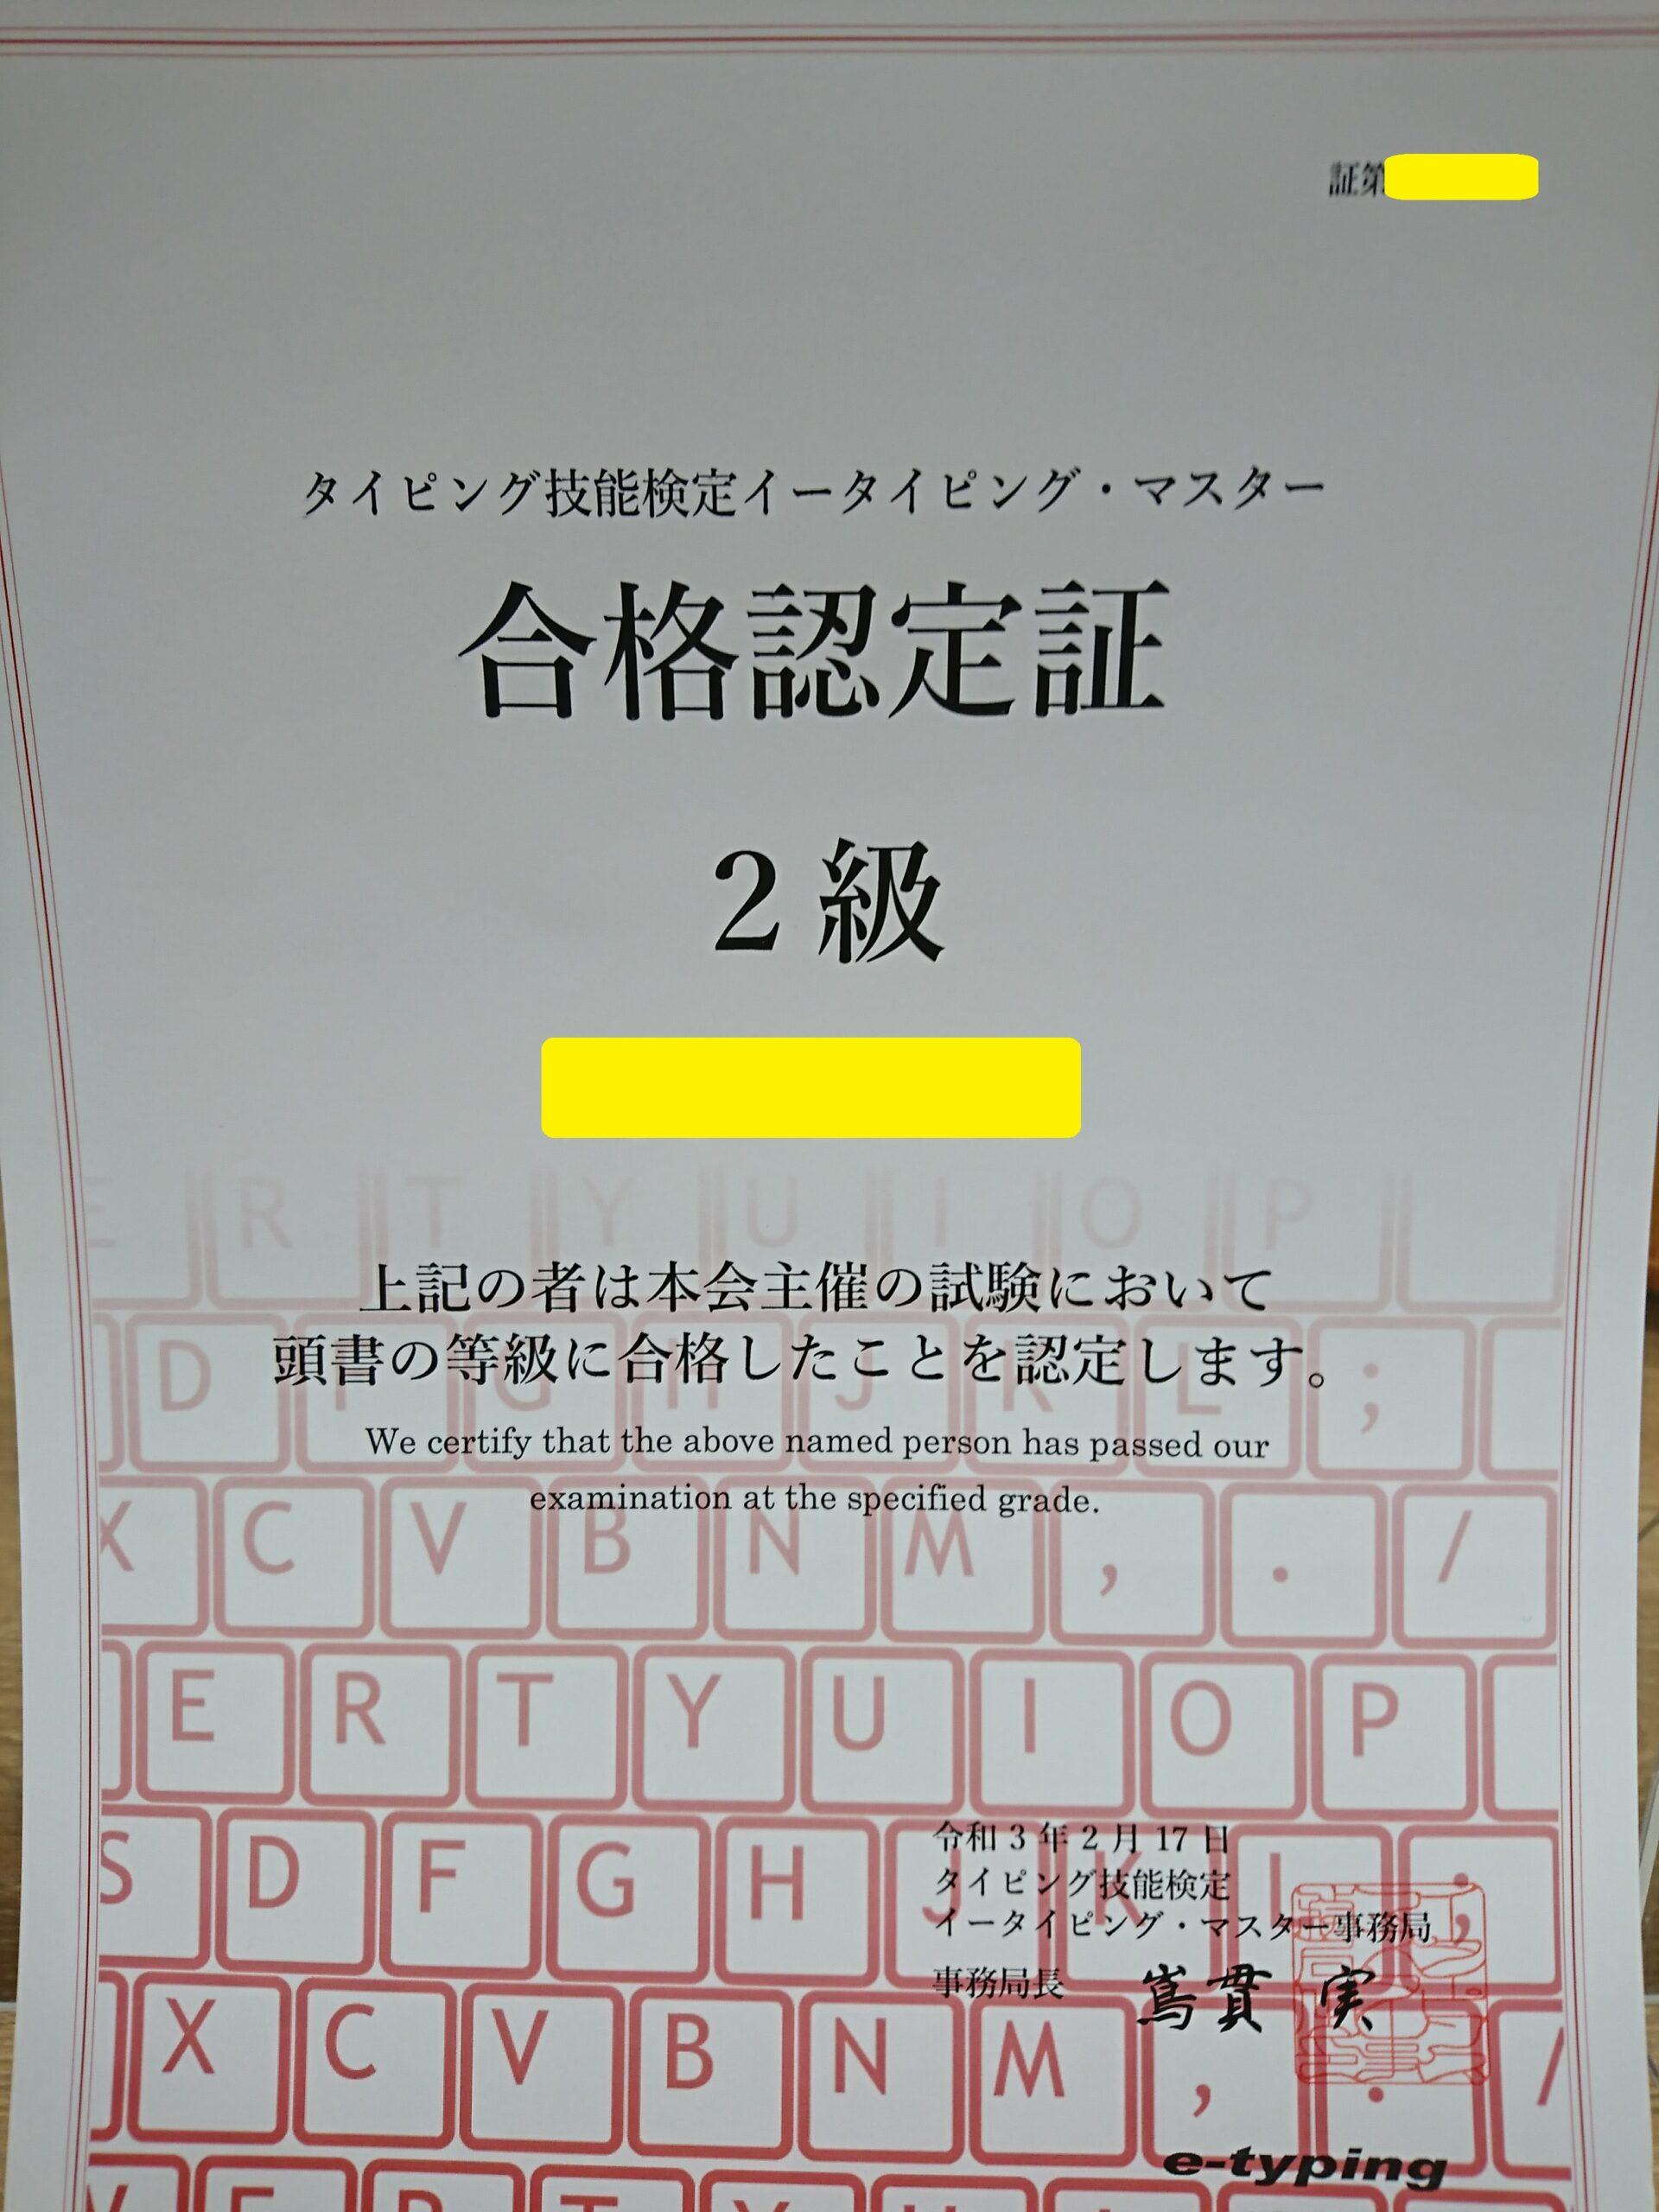 「タイピング技能試験合格🌸」